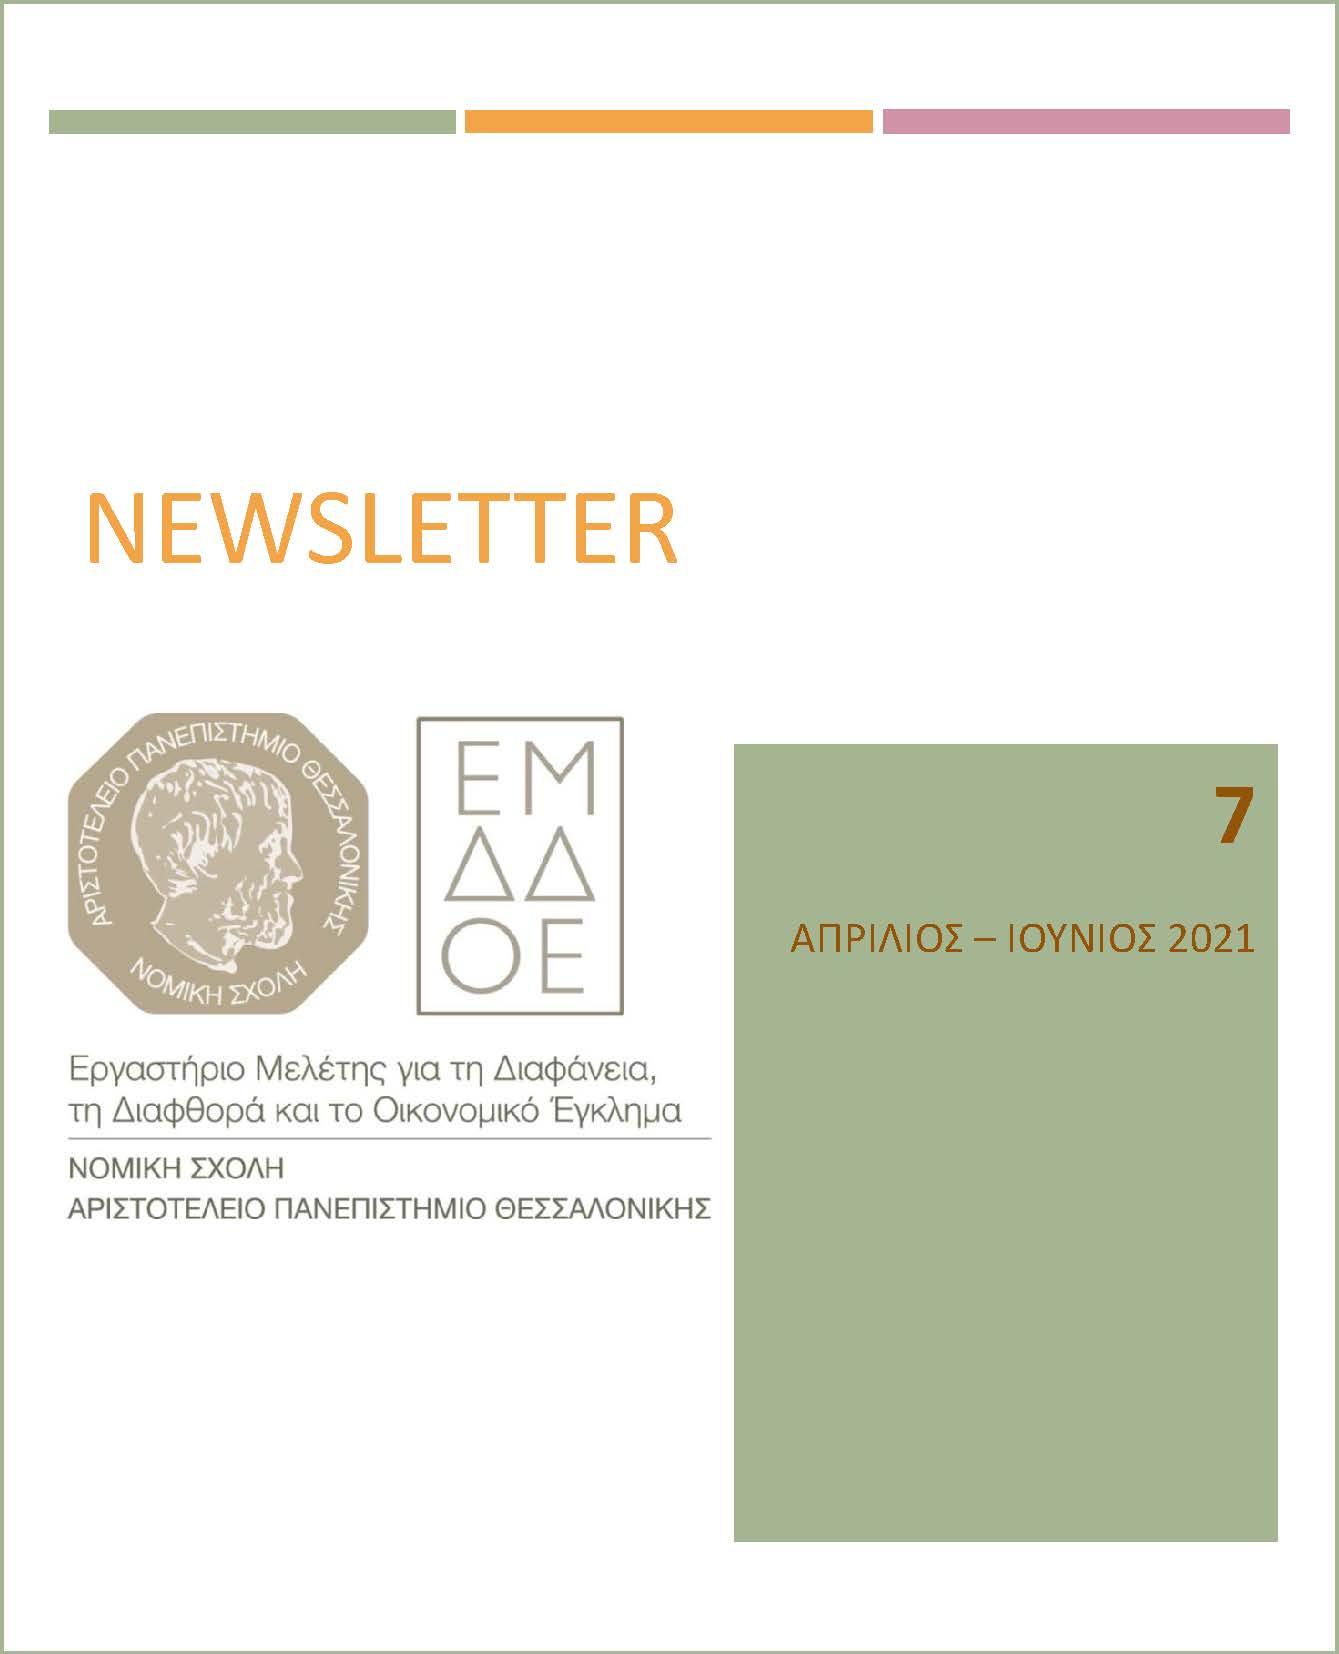 7ο Newsletter Εργαστηρίου Μελέτης για τη Διαφάνεια, τη Διαφθορά και το Οικονομικό Έγκλημα